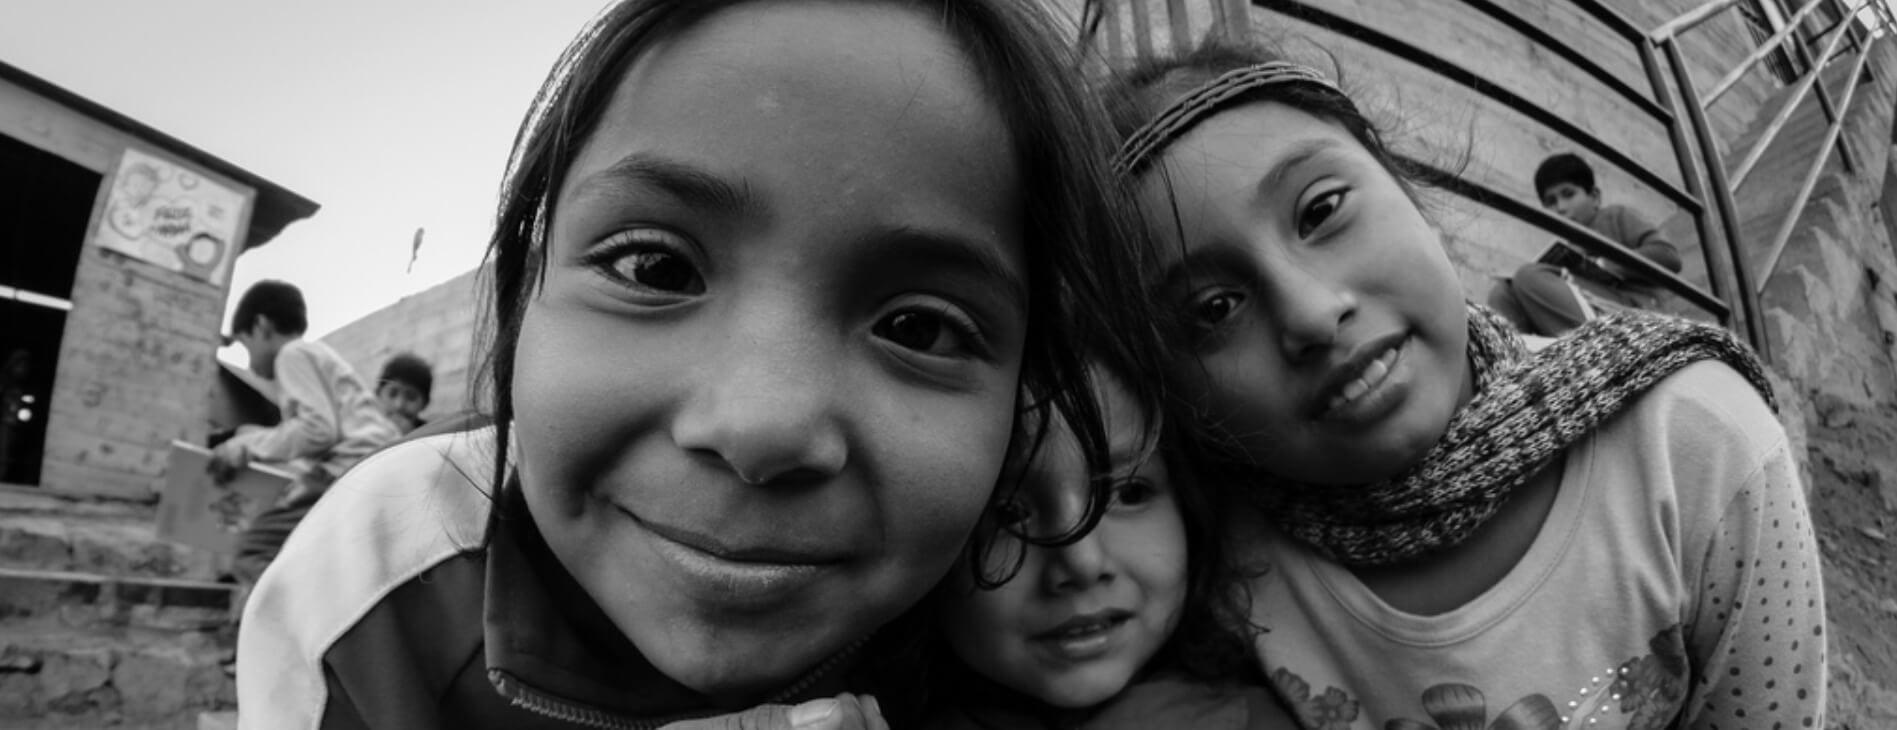 Peru Missions